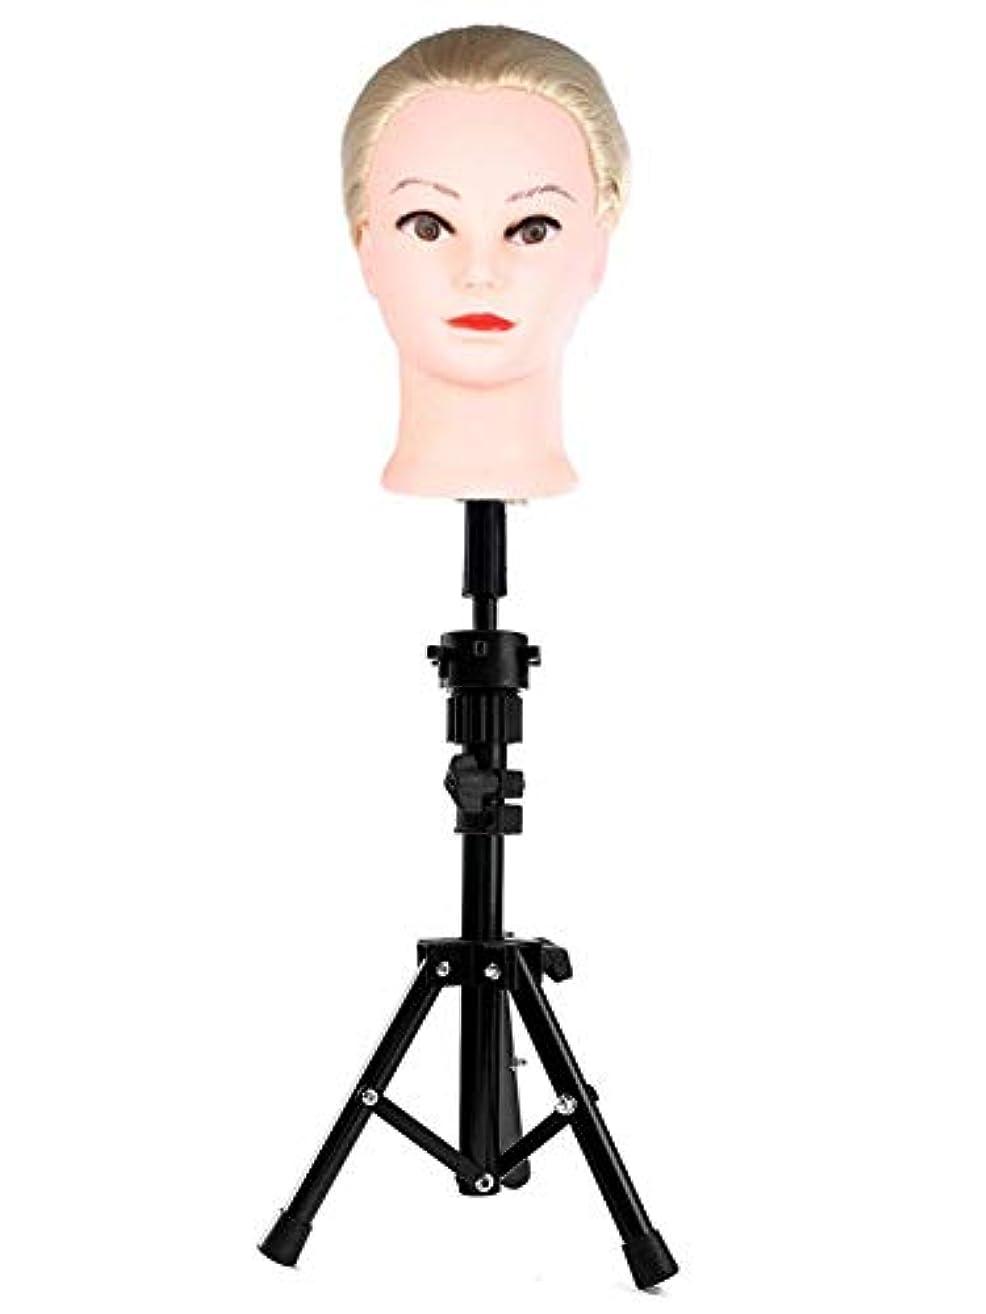 実証する凝視ハングスタンド付きで調整可能なヘアサロン三脚エクササイズヘッド用に調整可能な三脚調整可能な理髪三脚キャリングケース付きエクササイズヘッド用に調整可能なステンレス三脚